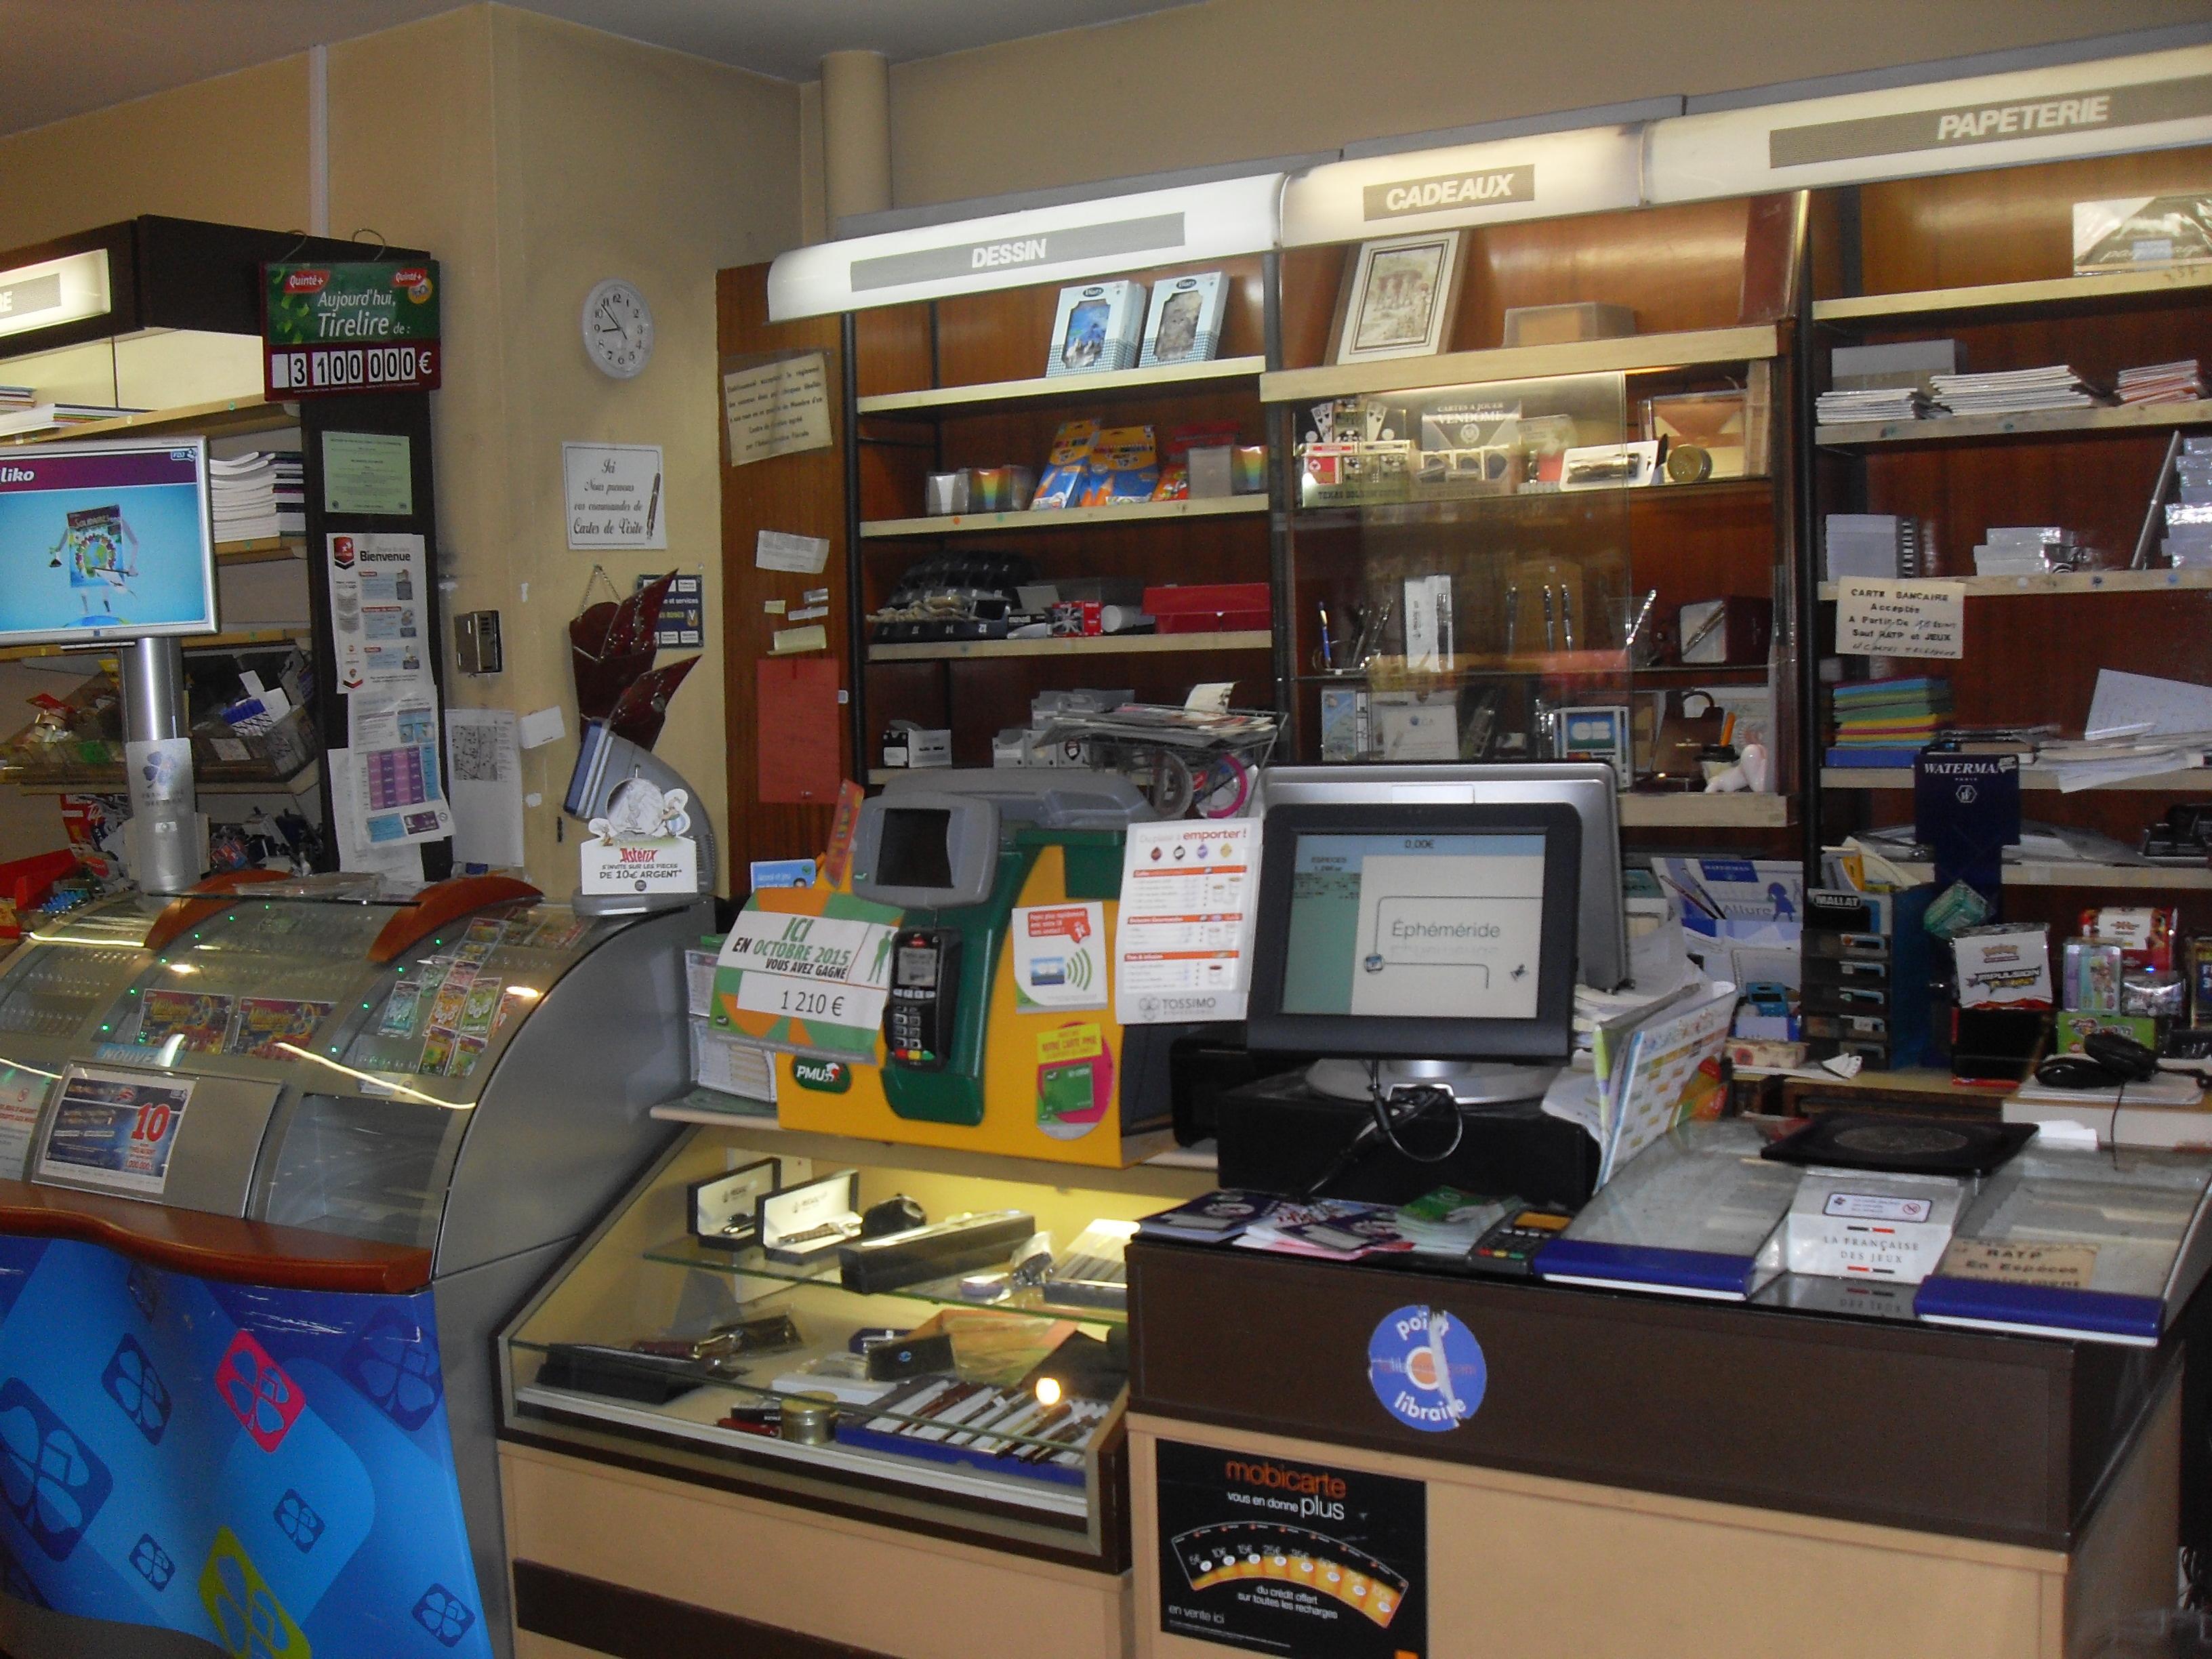 Vente Local commercial Carterie, Librairie, Loto, Papéterie, PMU, Presse, 90 m2 à L'Hay-les-Roses (94240)